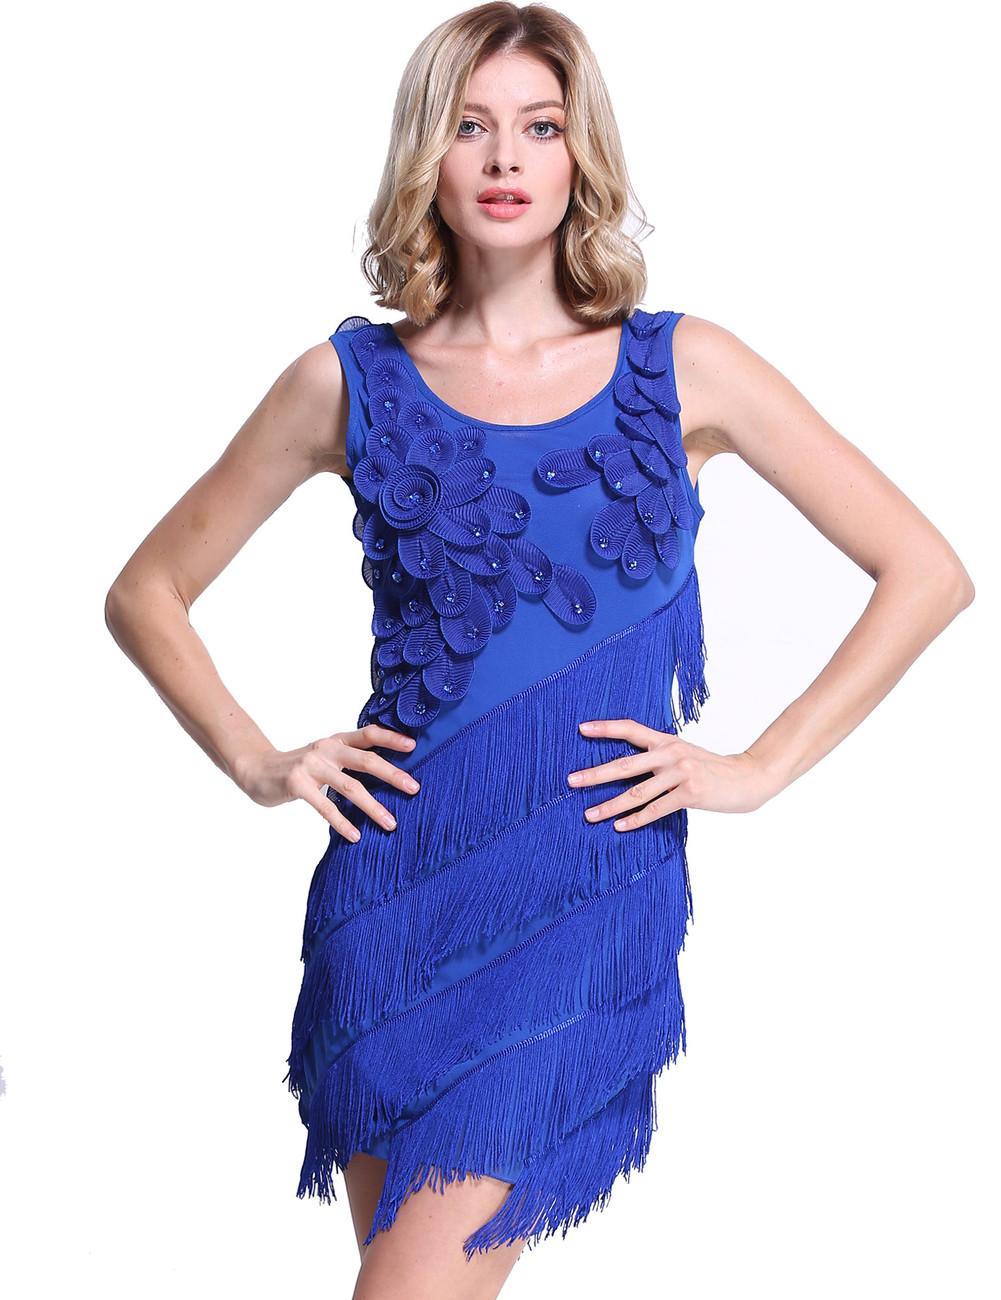 Blue Flower Fringe Ornate Double Side Flapper Dress - PrettyGuide